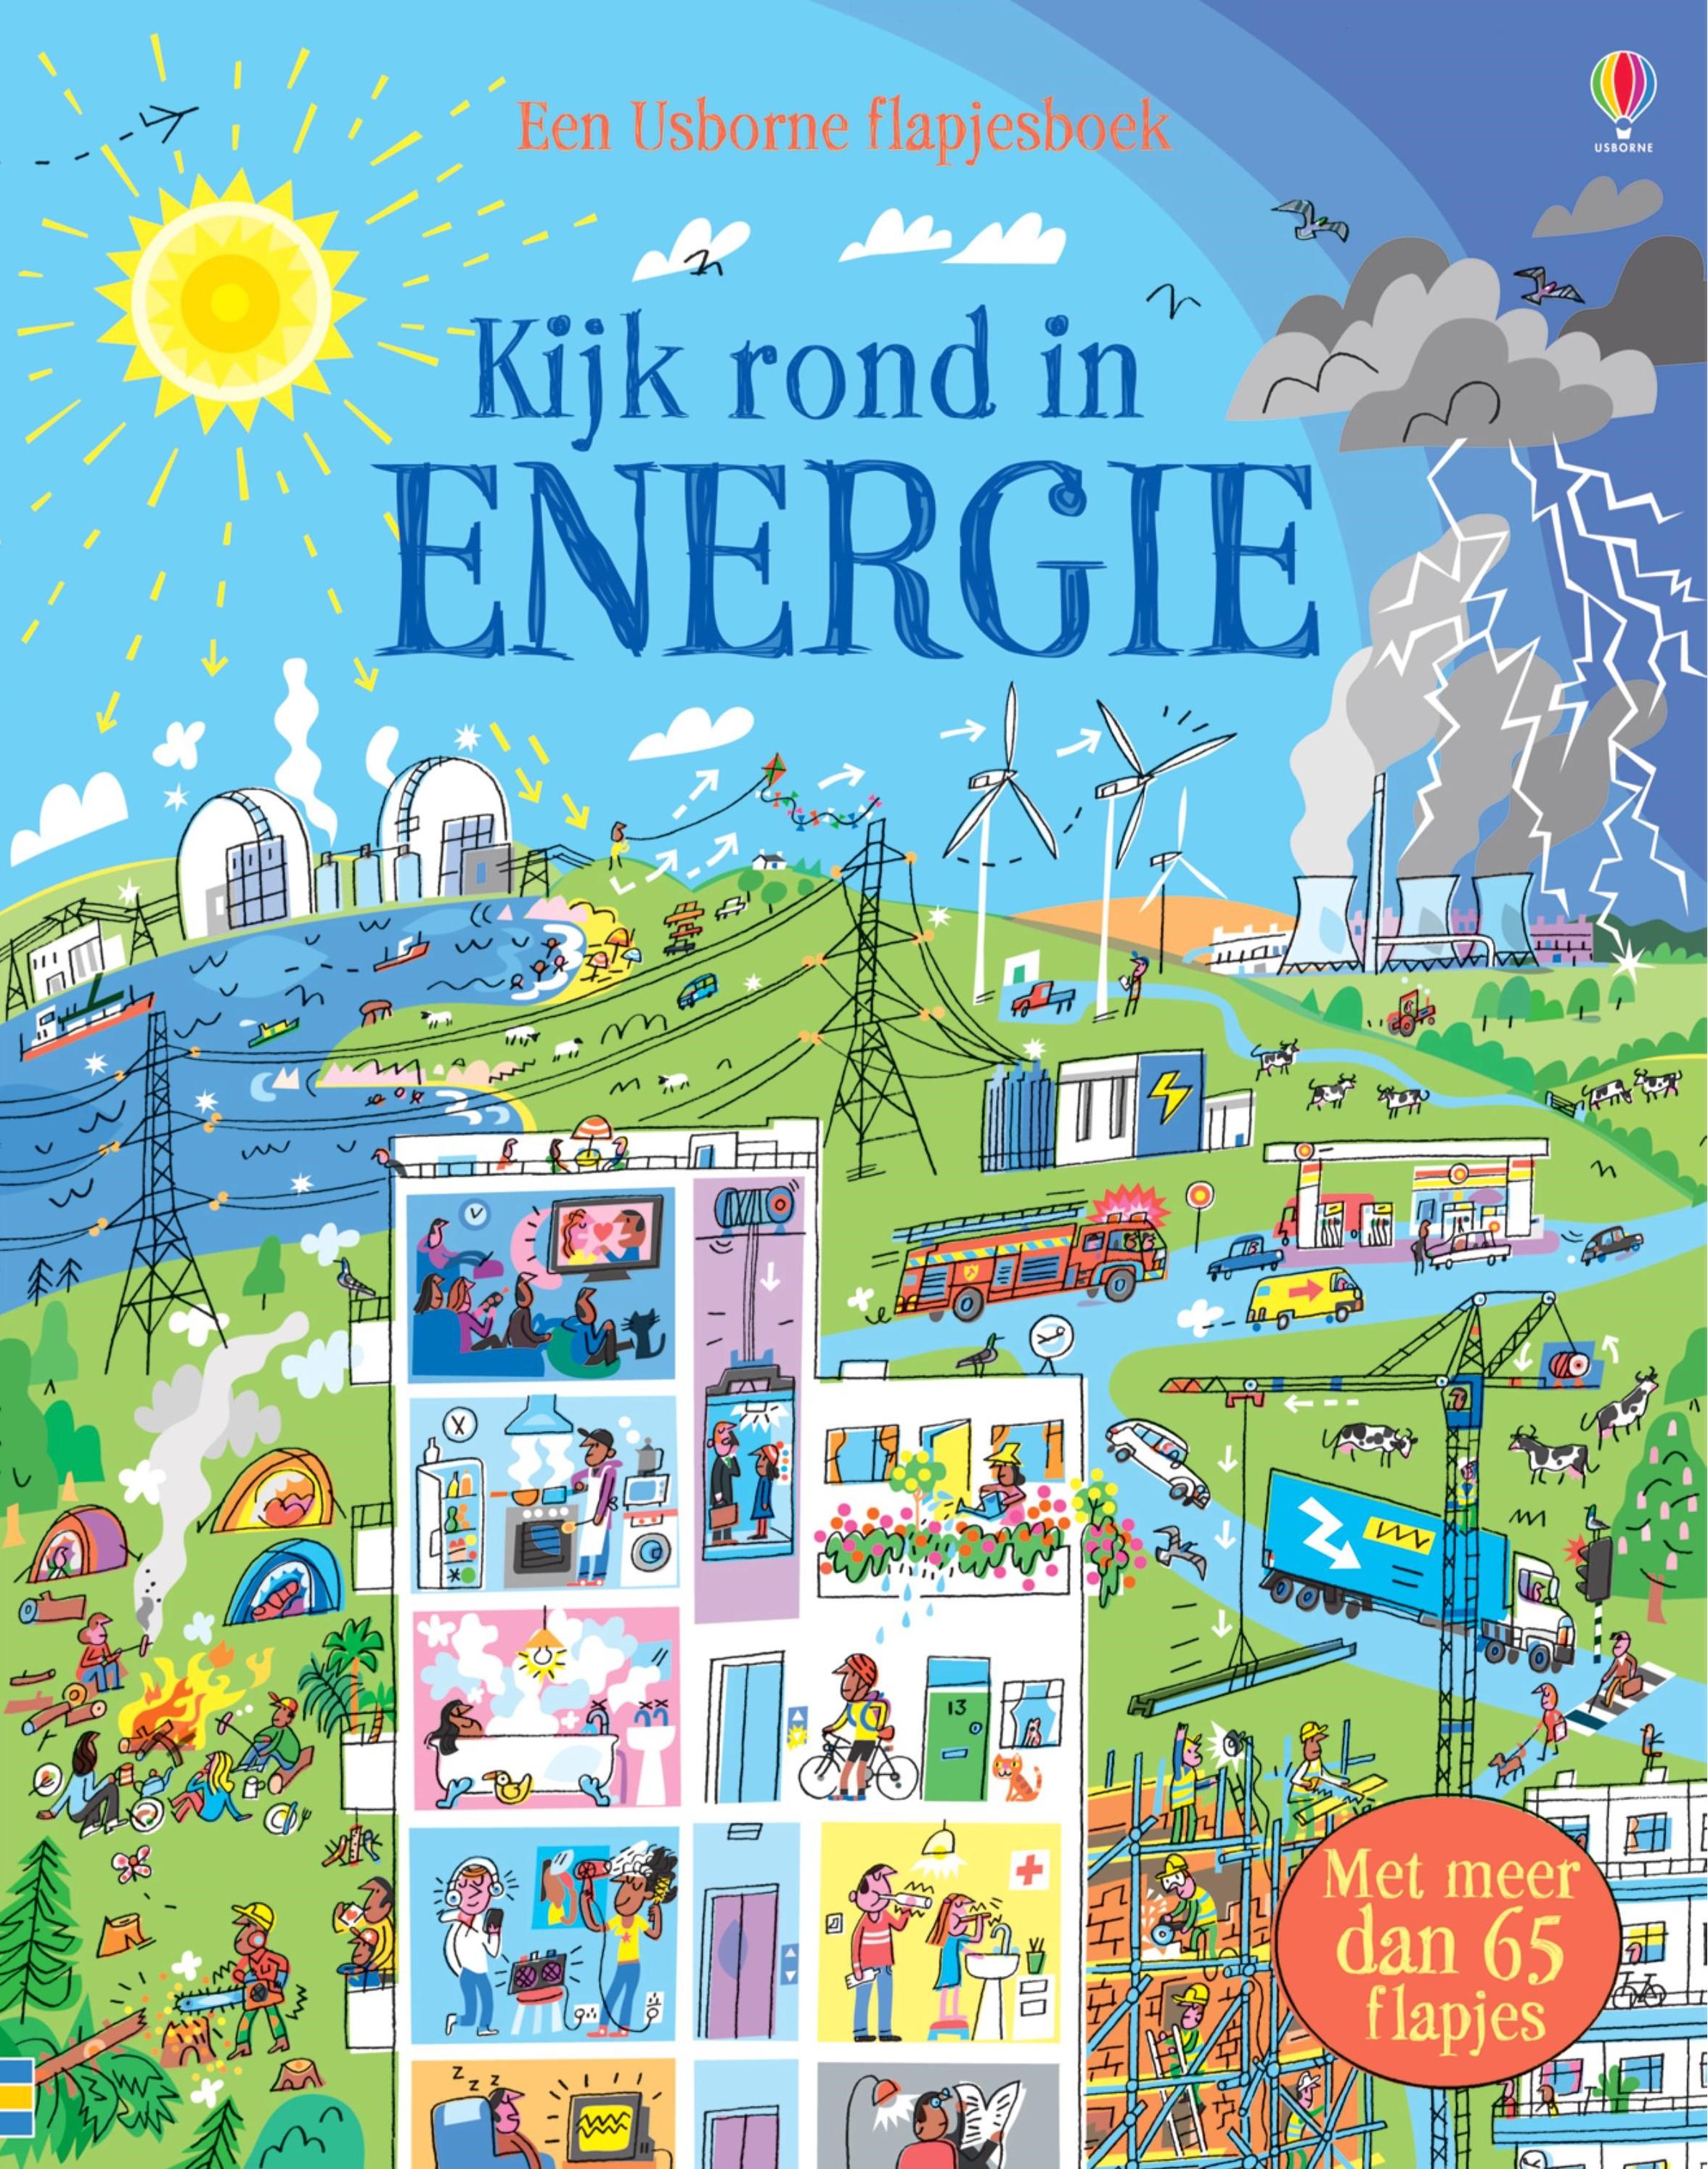 Kijk rond in energie – Flapjesboek